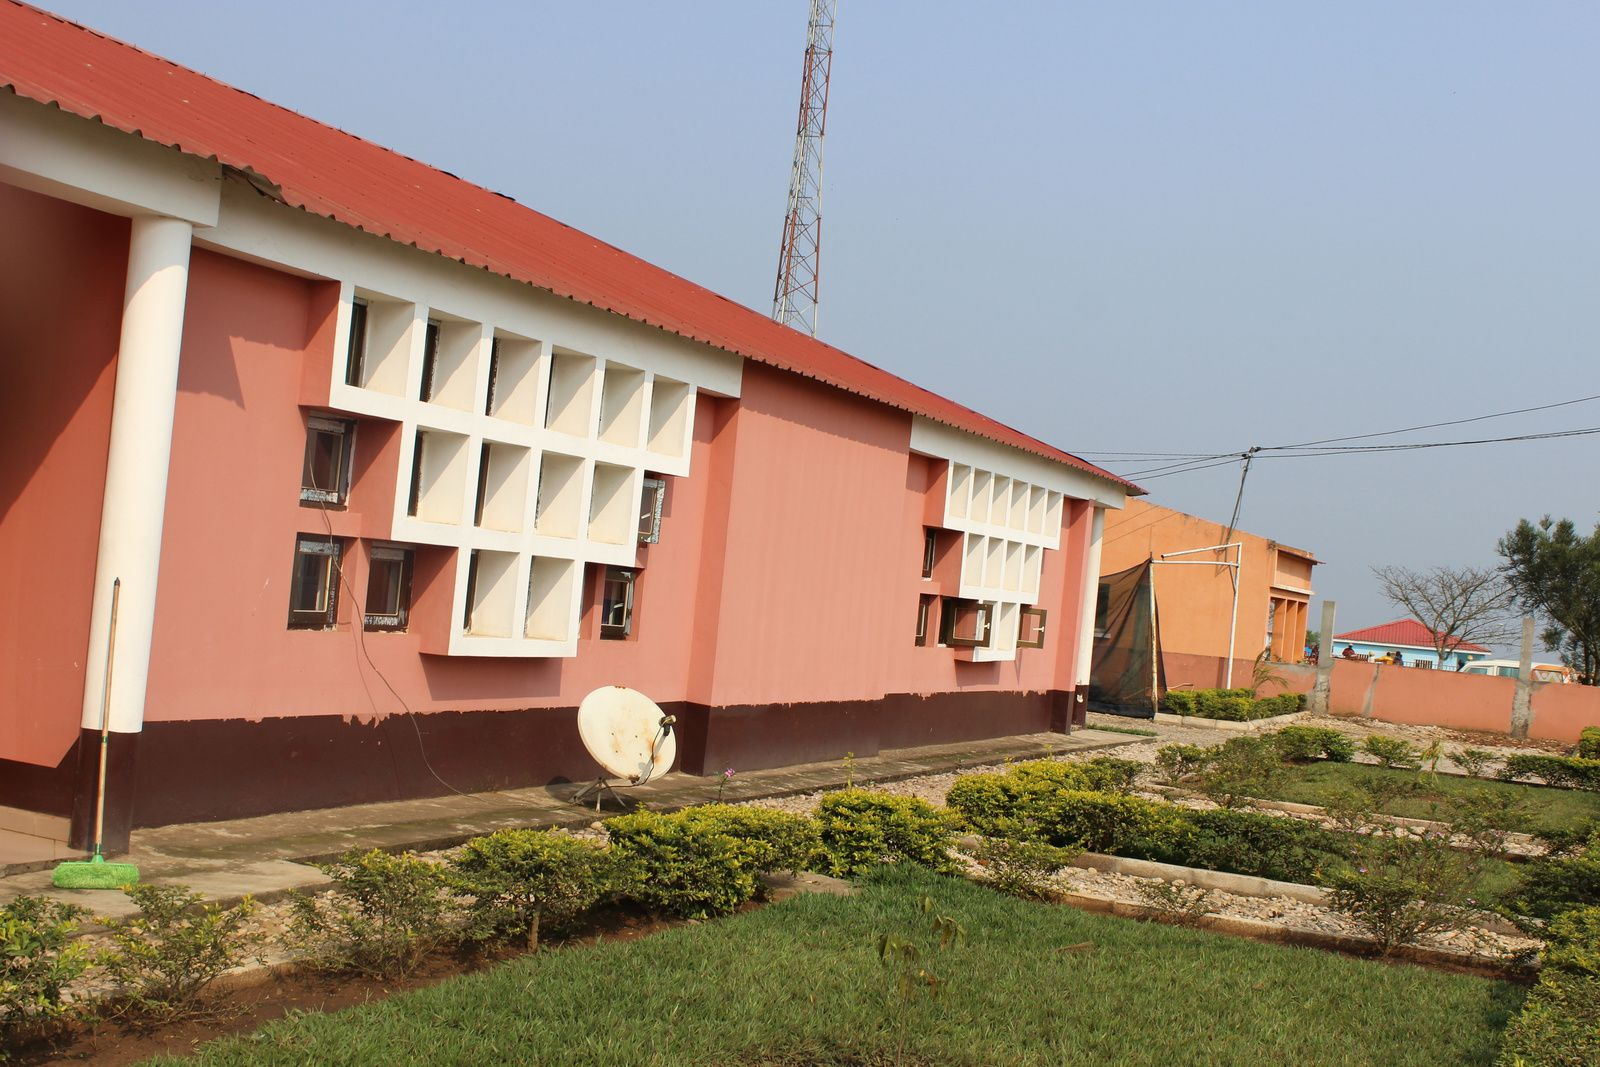 Médico na Damba opera pessoas em esteiras e população clama por socorro